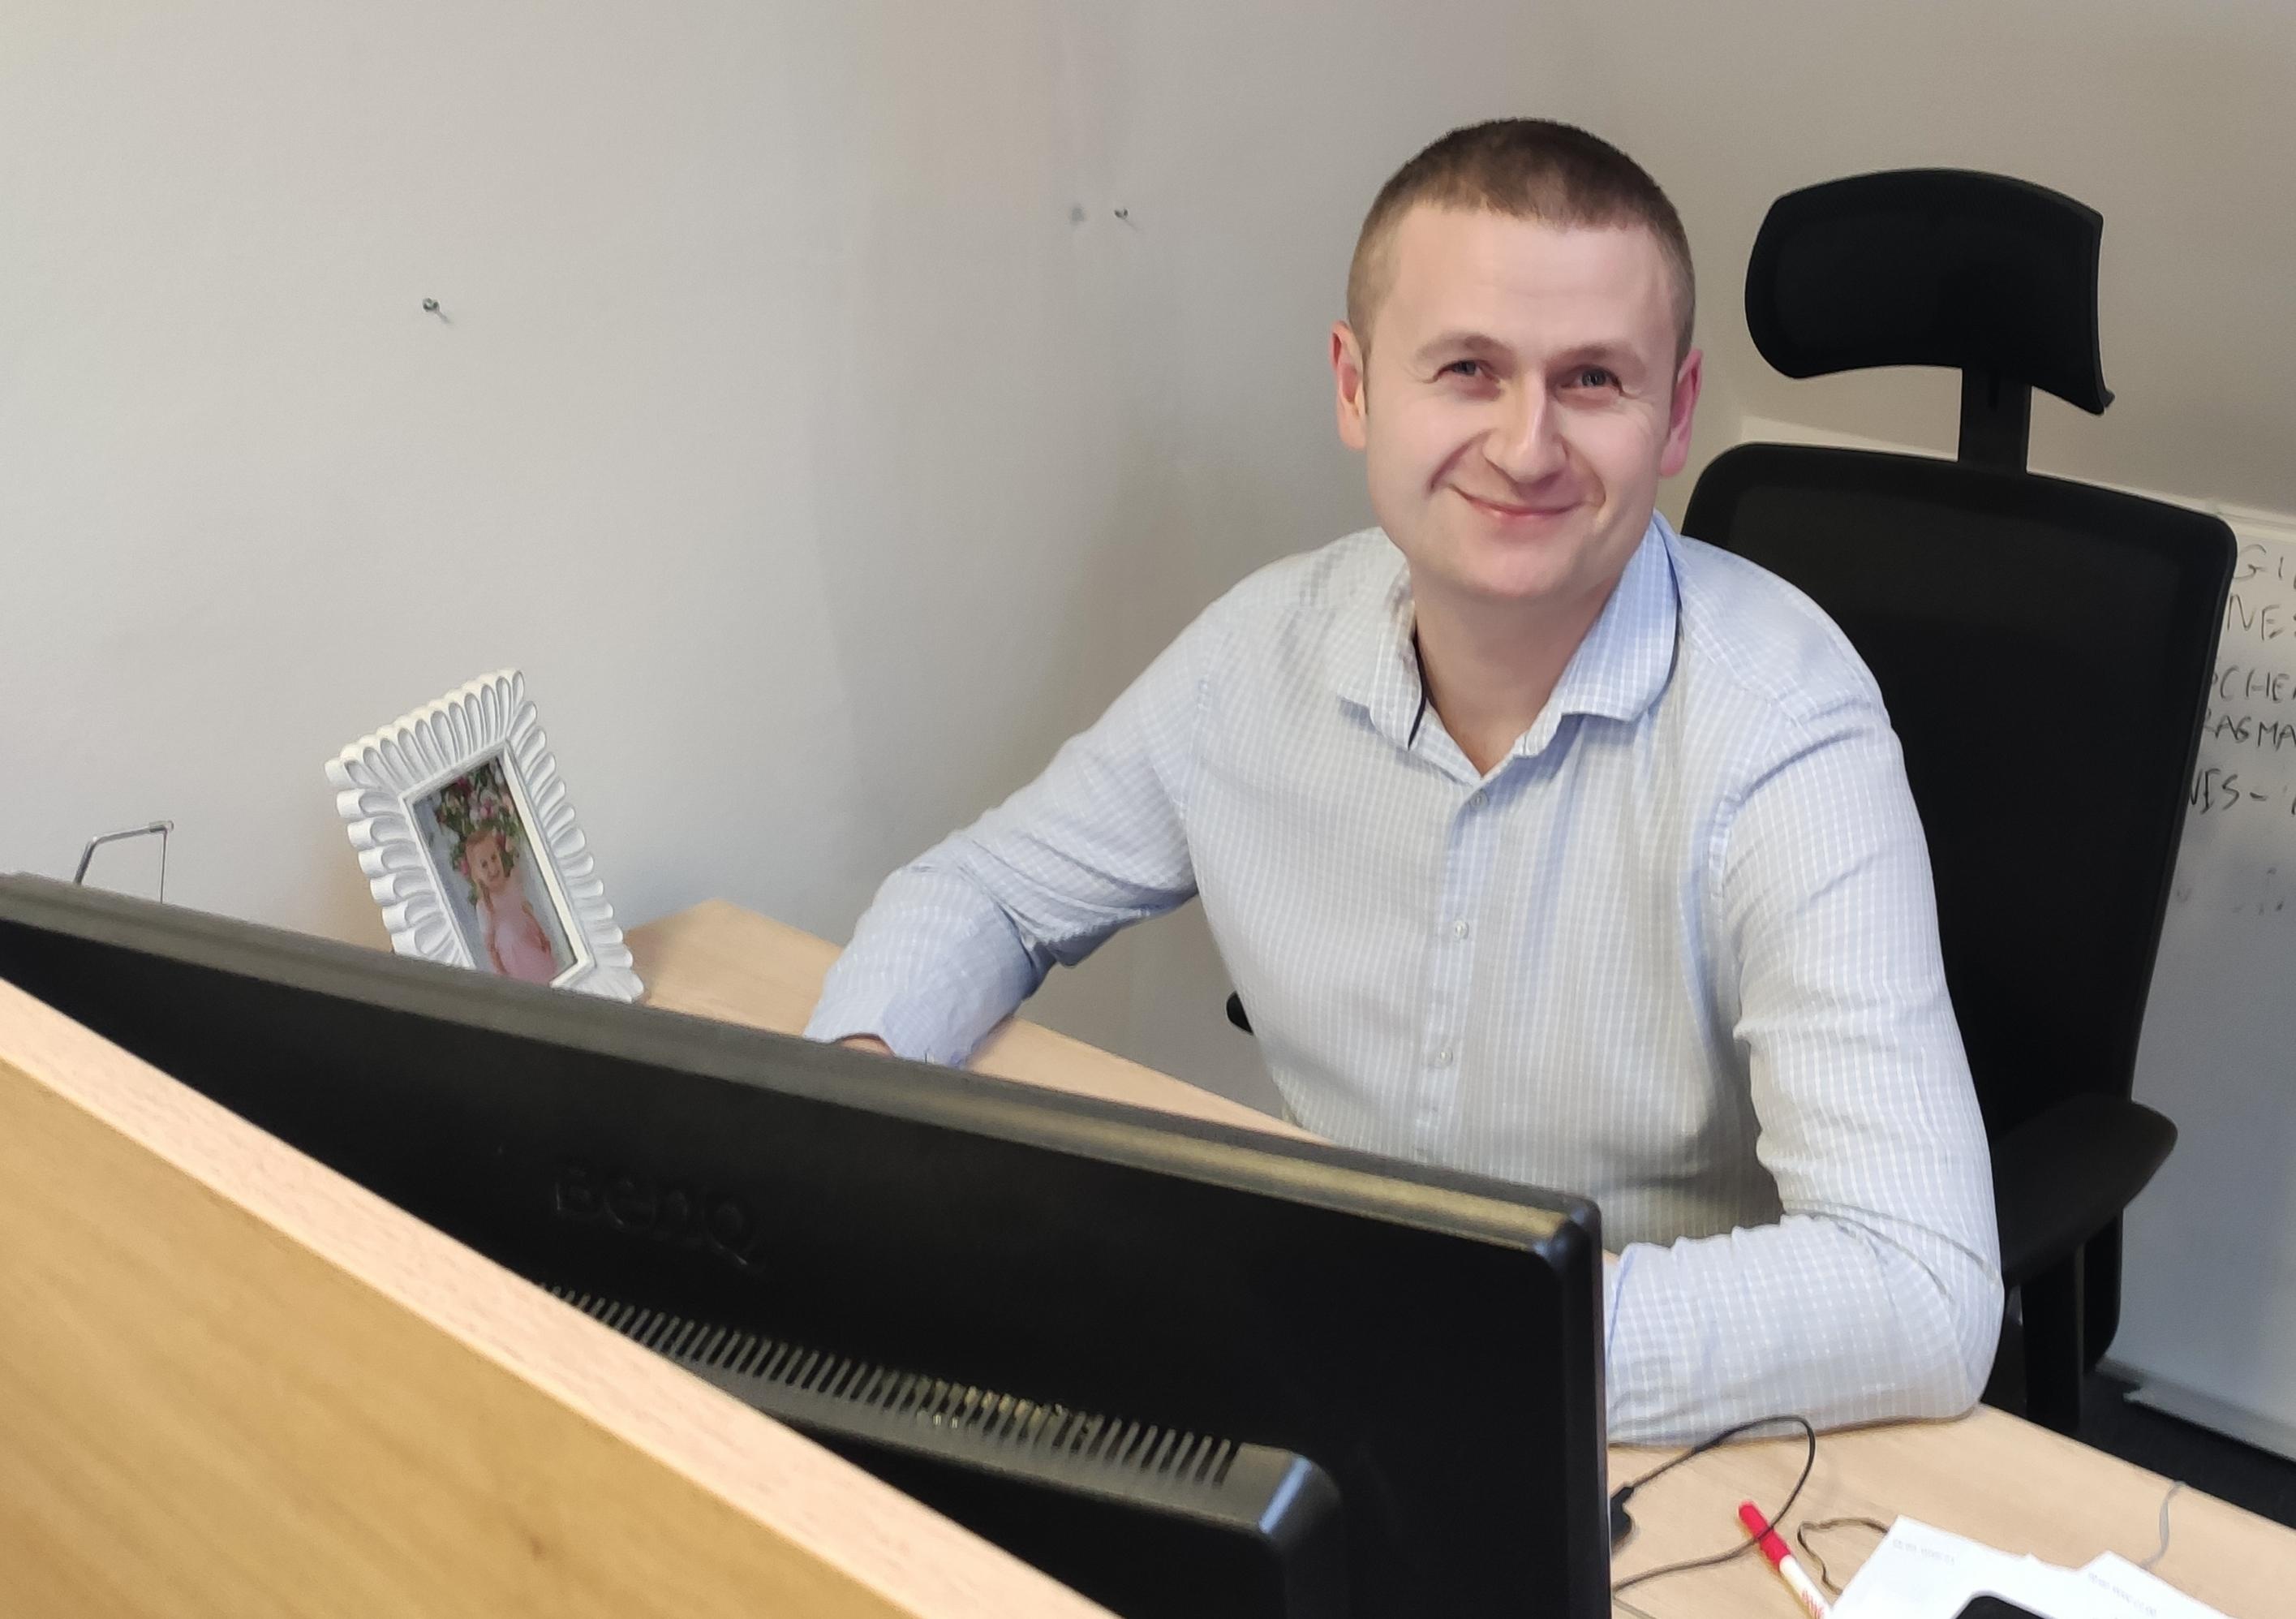 Specjaliści TeamQuest - Kamil Pacuk